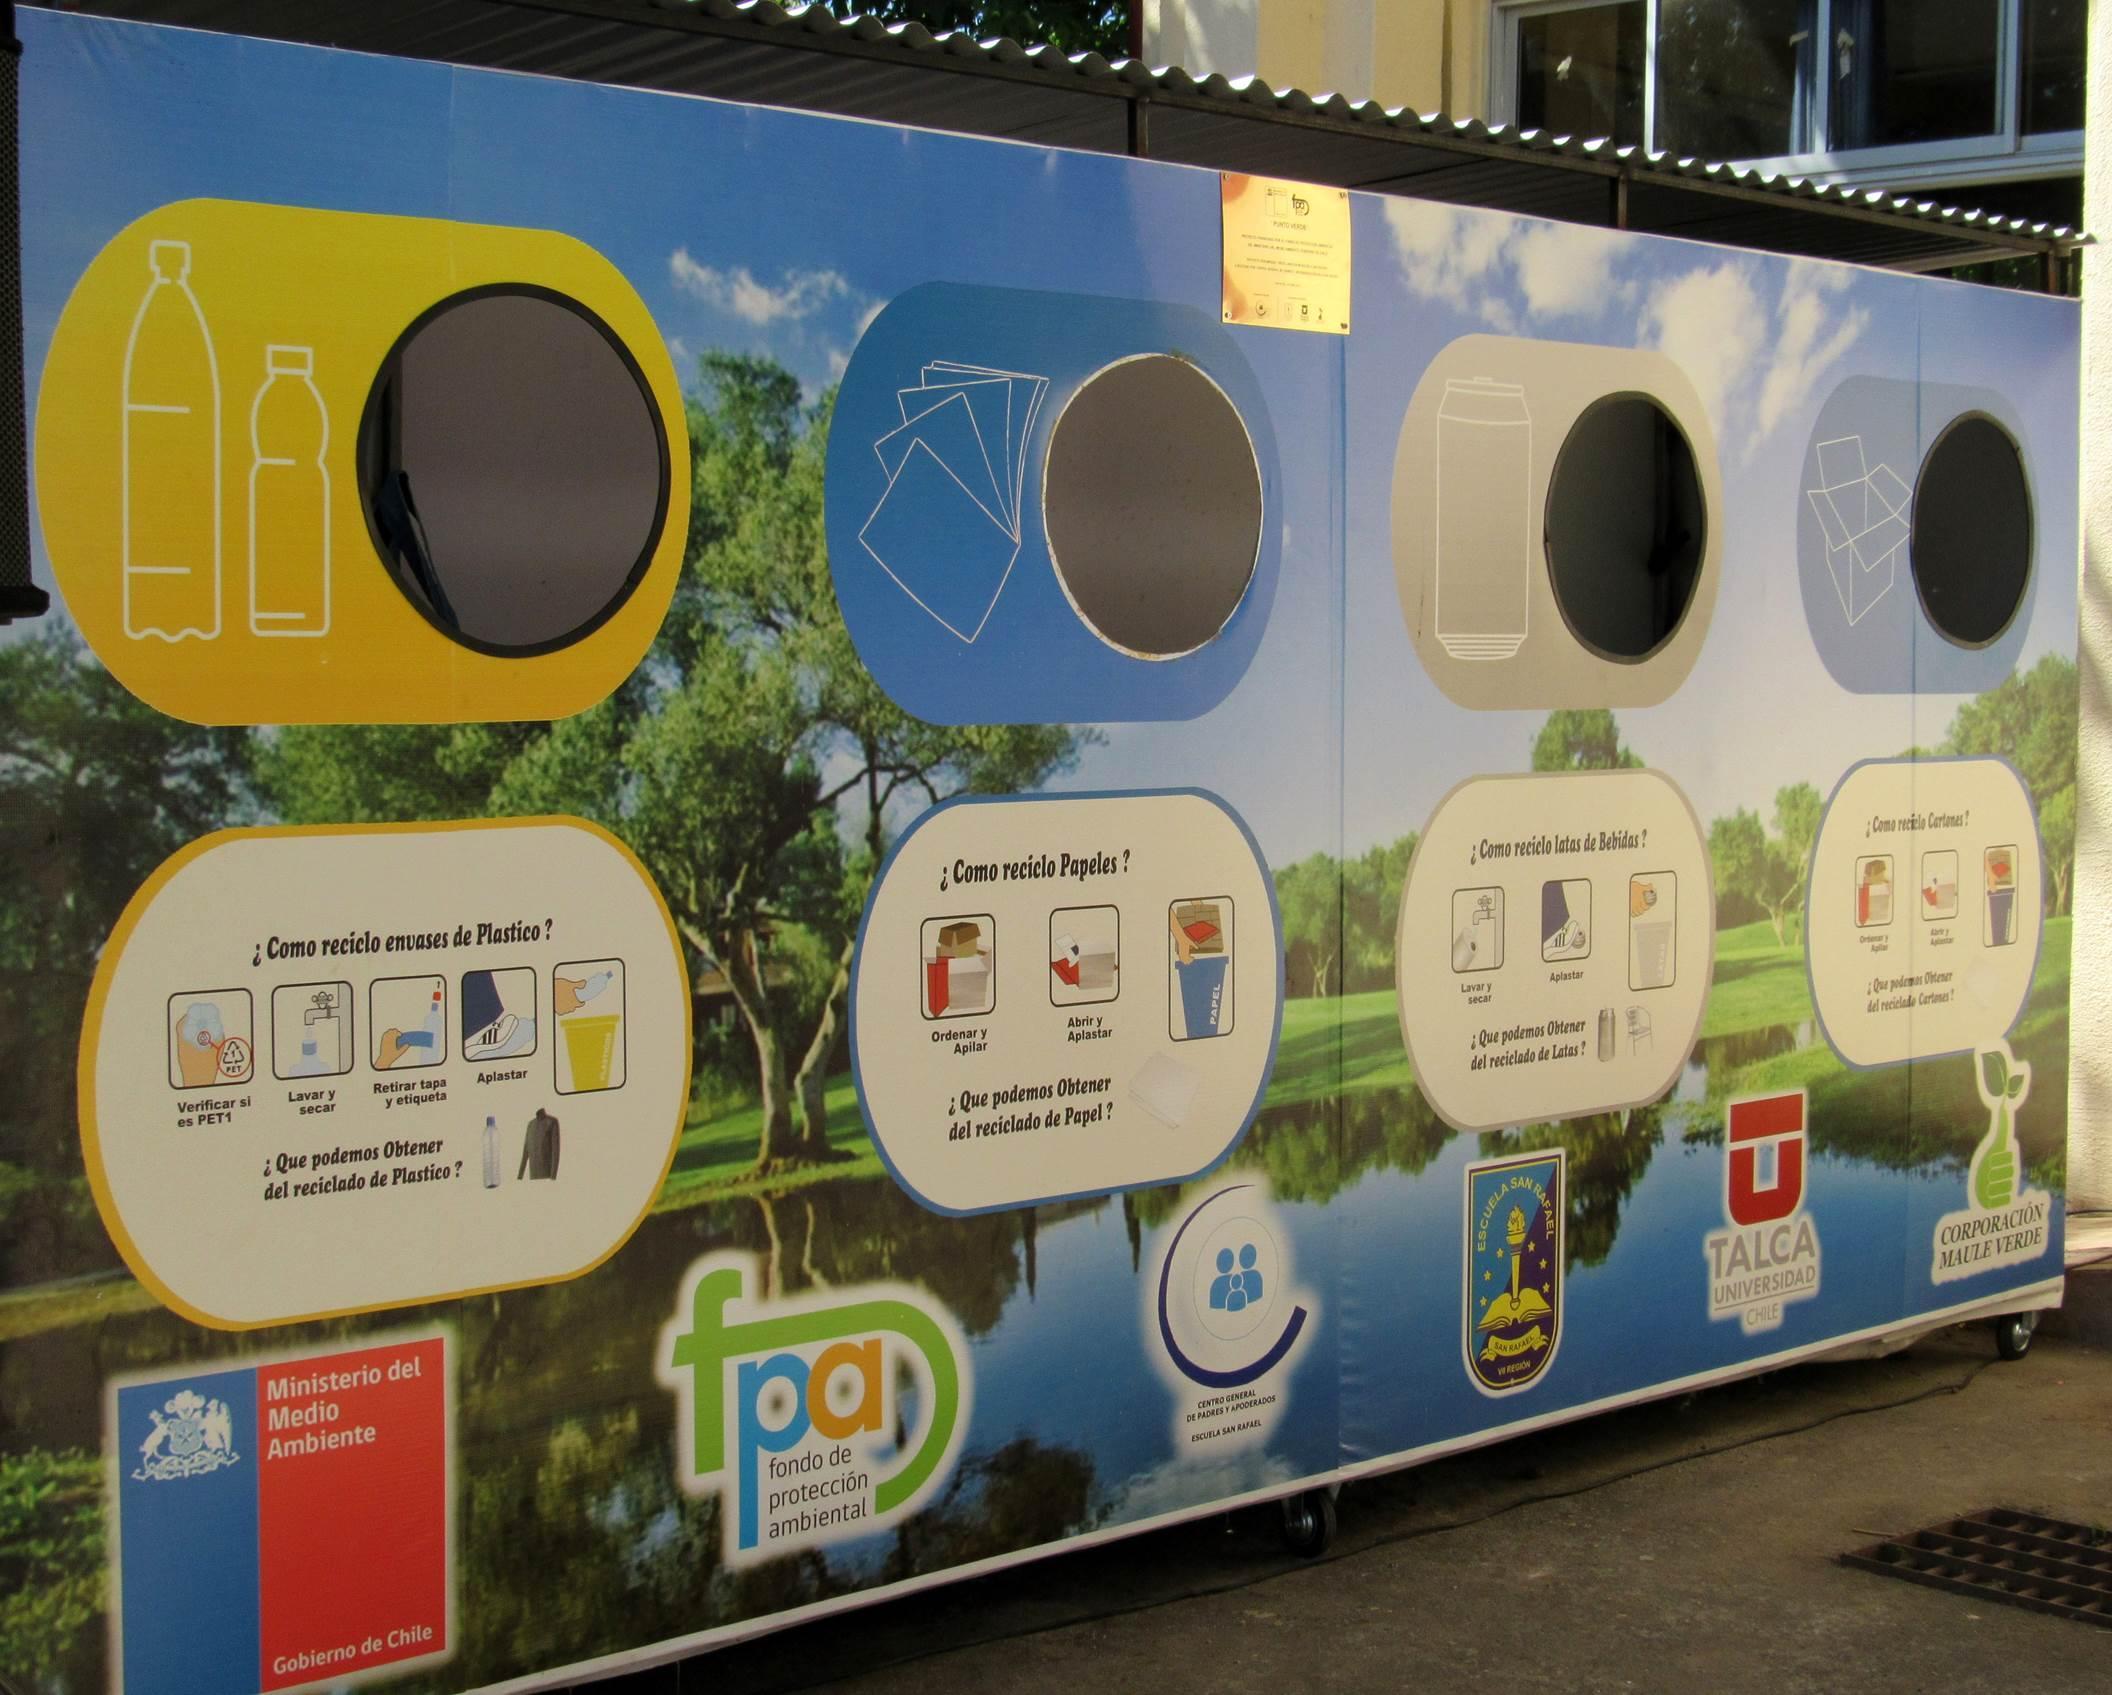 Disponibles las postulaciones al Fondo para el Reciclaje del Ministerio del Medio Ambiente